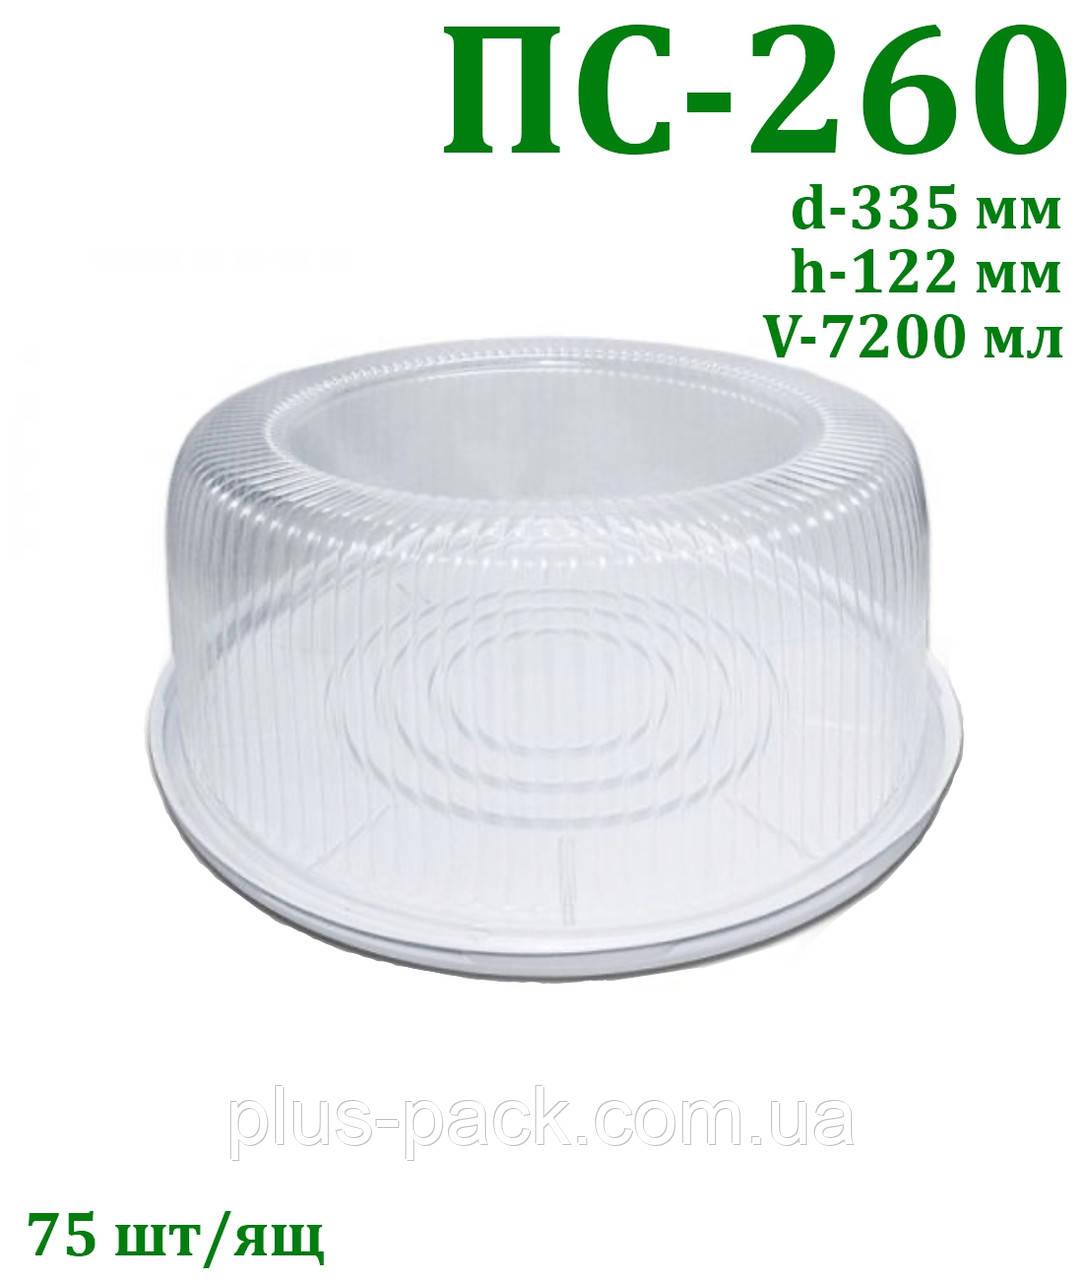 Упаковка для кондитерських виробів, 75шт/ящ